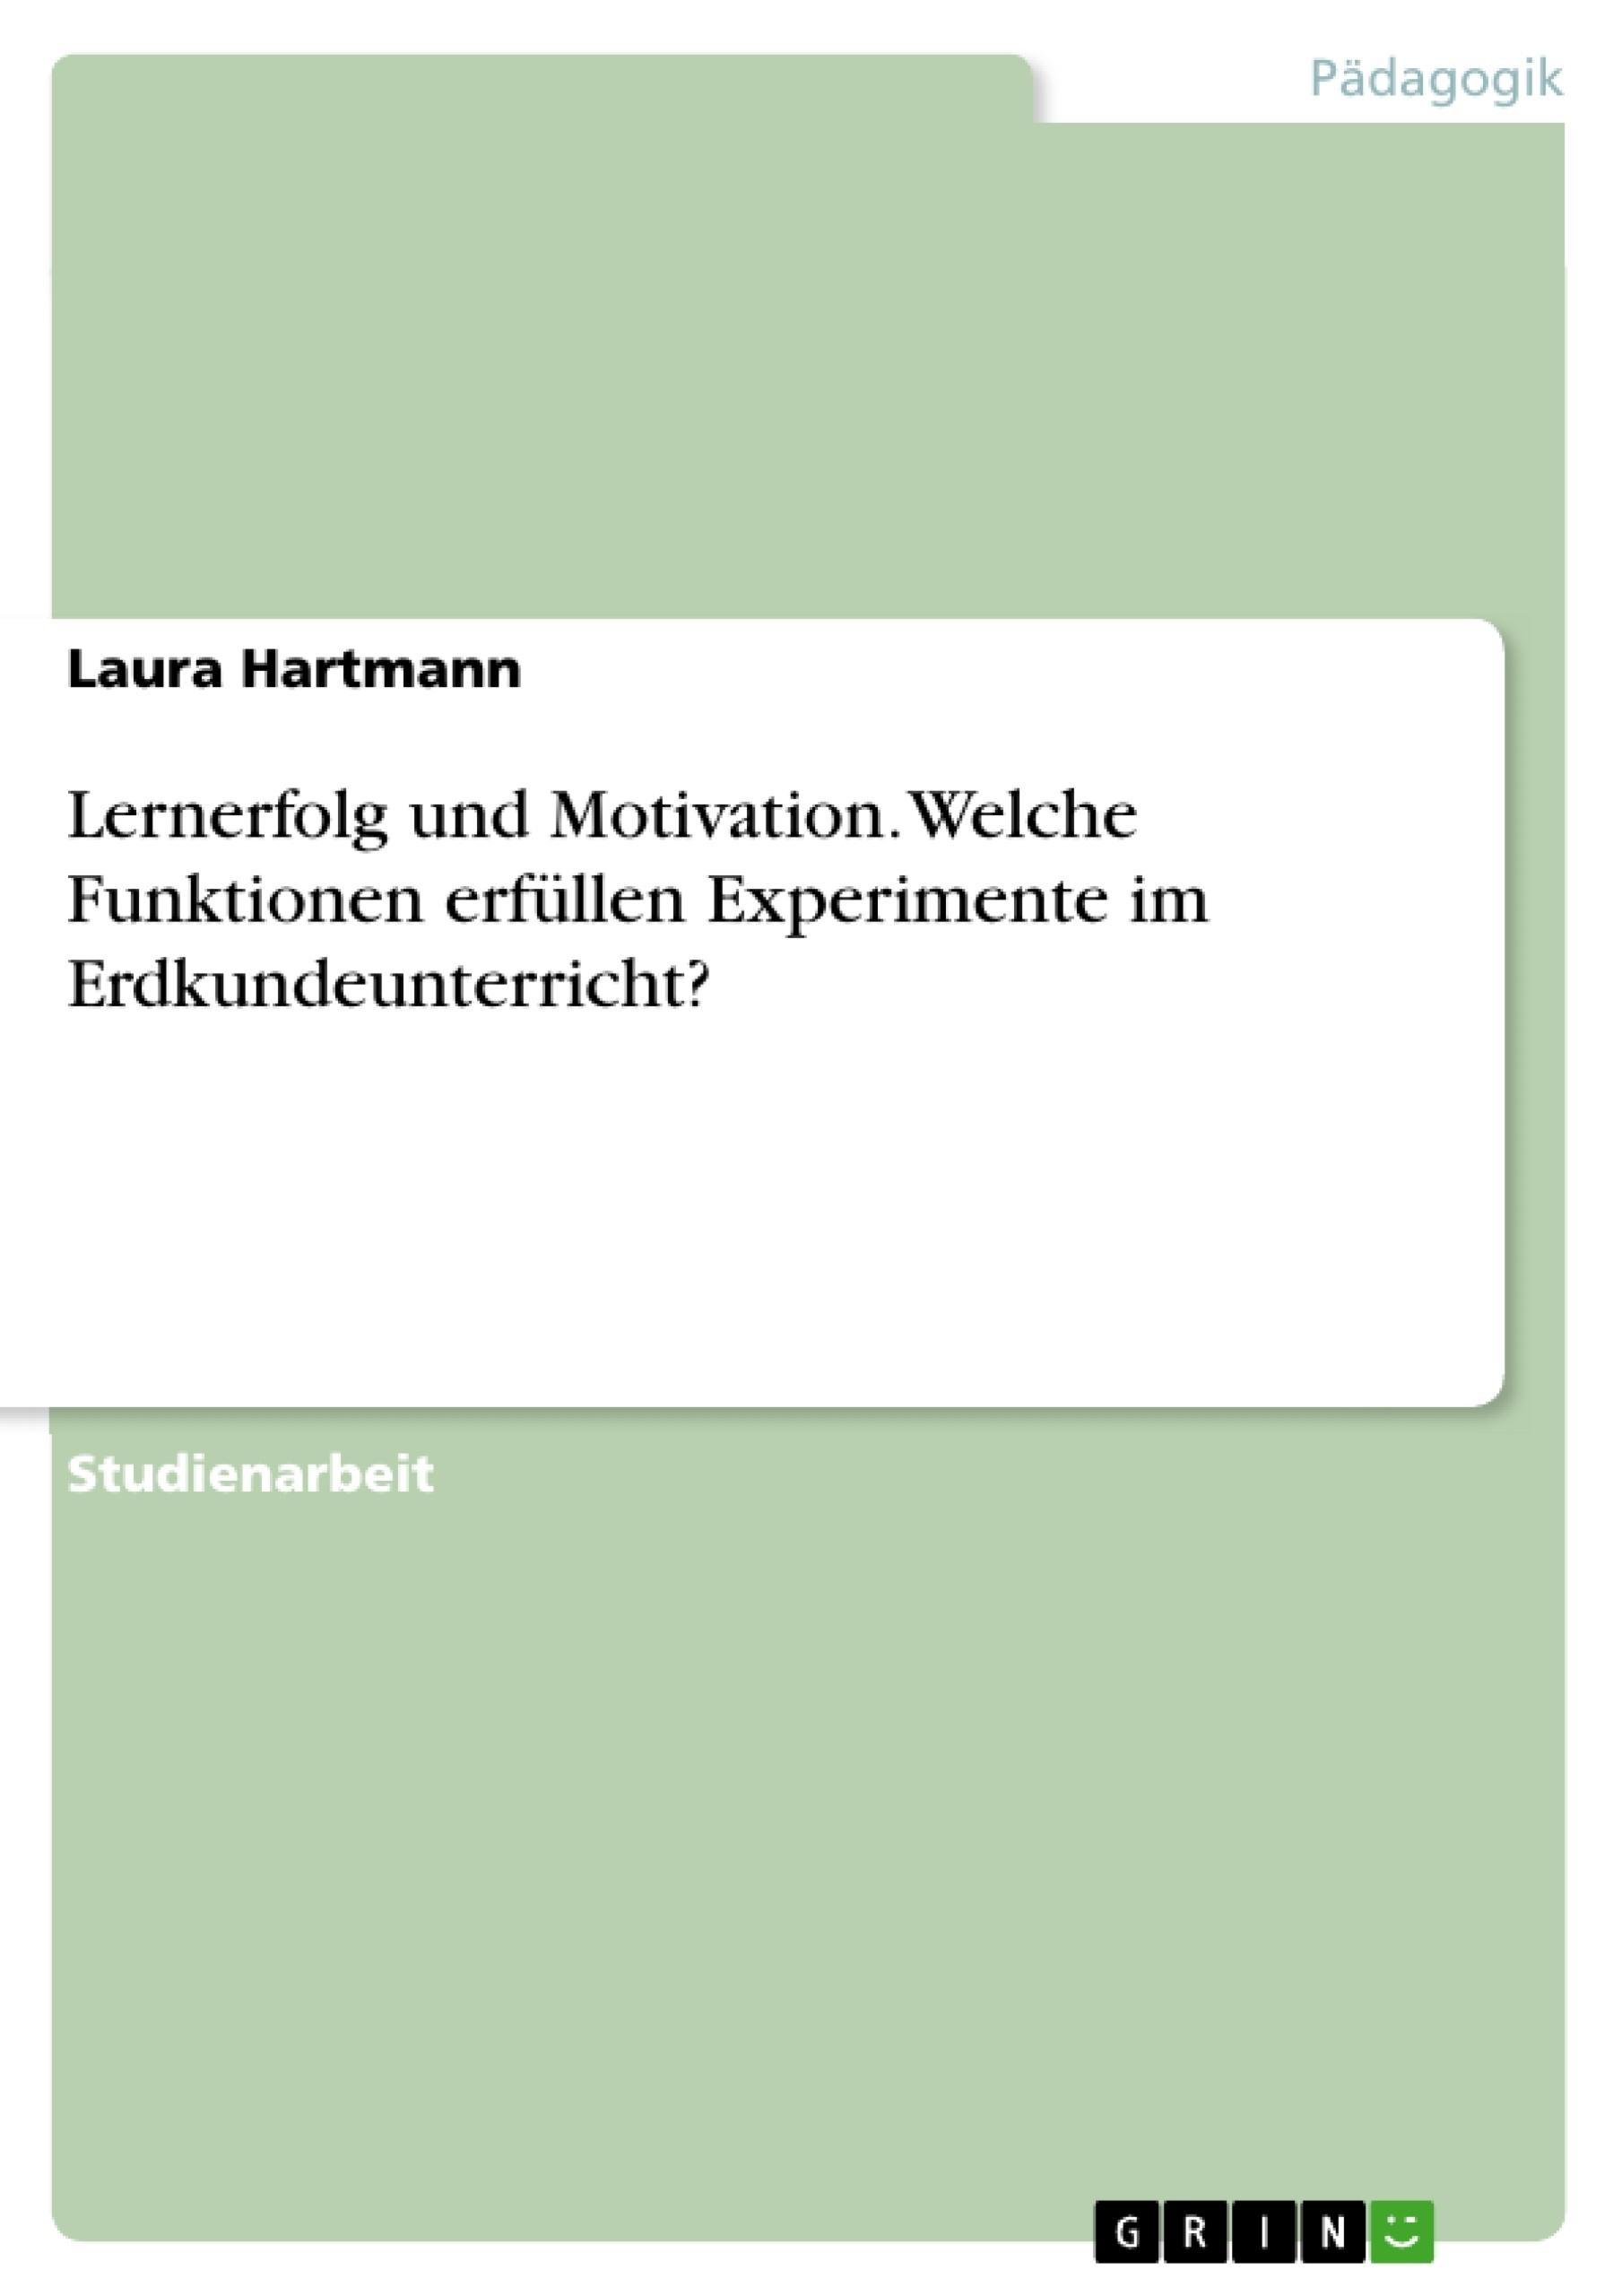 Titel: Lernerfolg und Motivation. Welche Funktionen erfüllen Experimente im Erdkundeunterricht?